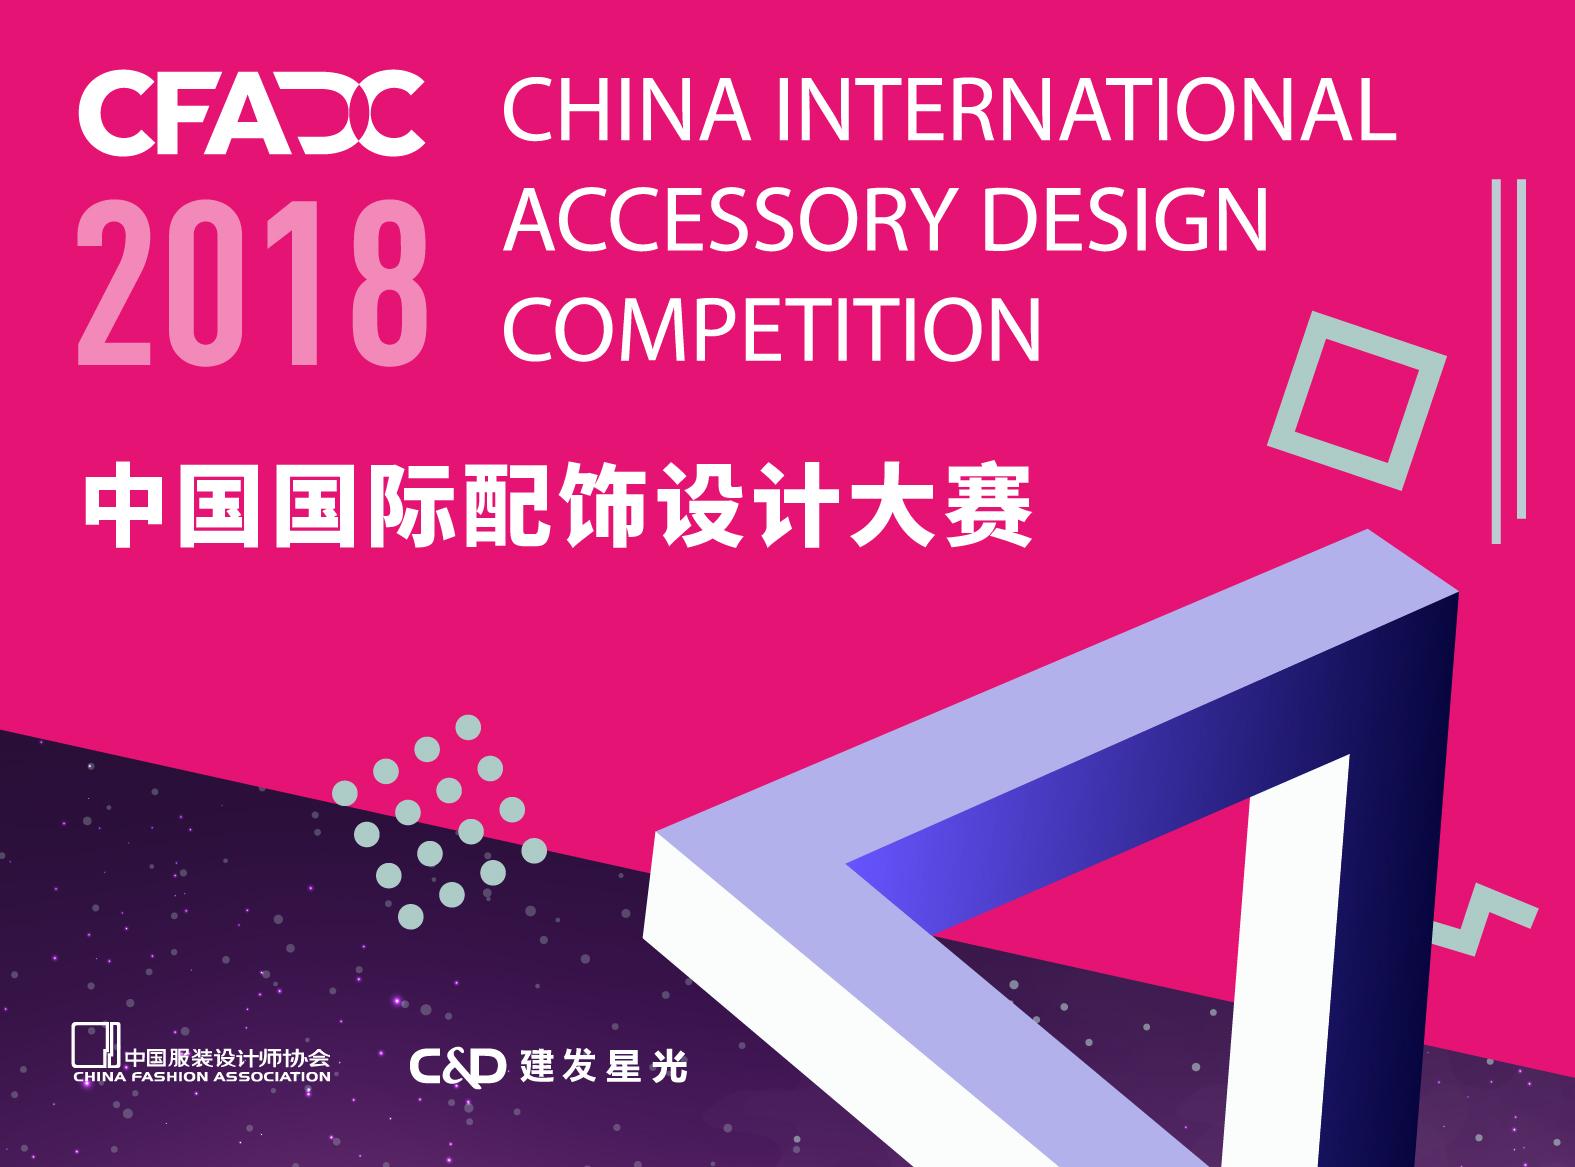 第二届中国国际配饰设计大赛征稿启事